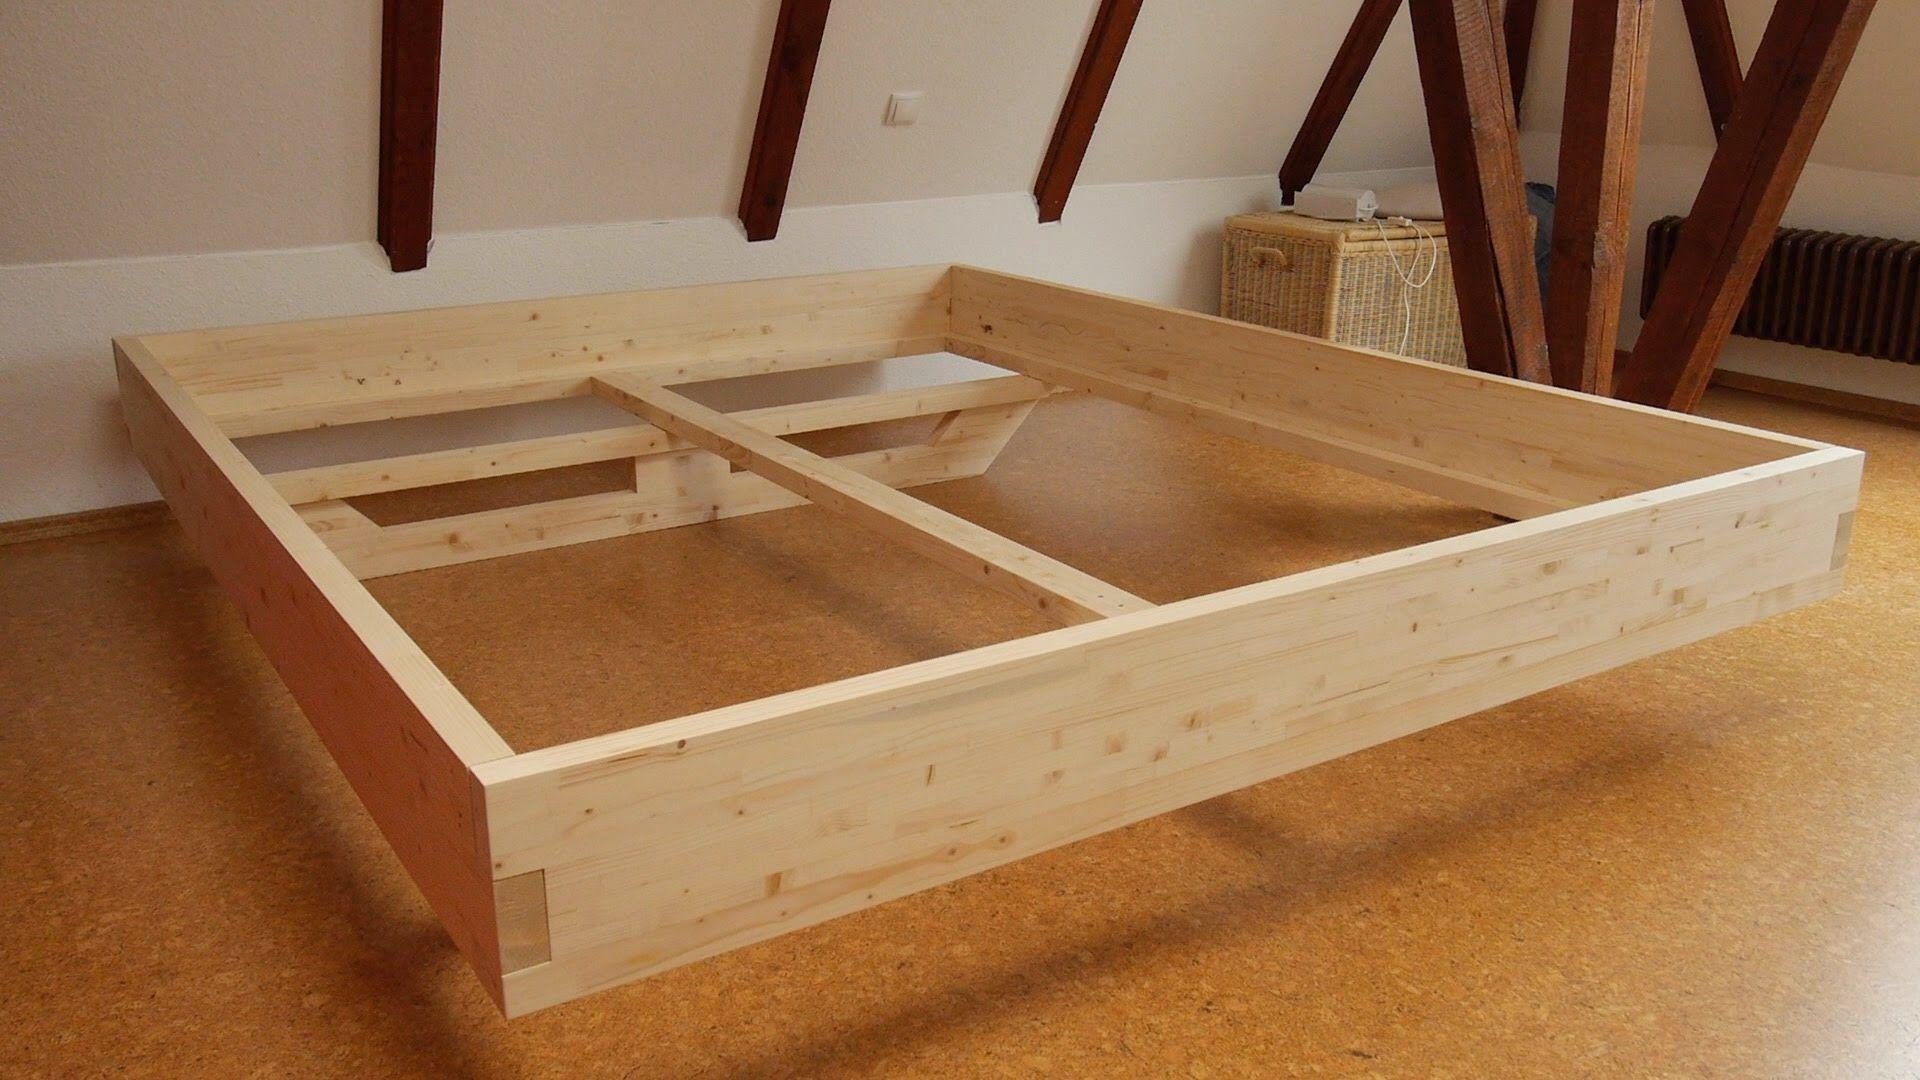 Beschreibung Des Eigenbaus Eines Design Bettes Aus Massivem Holz